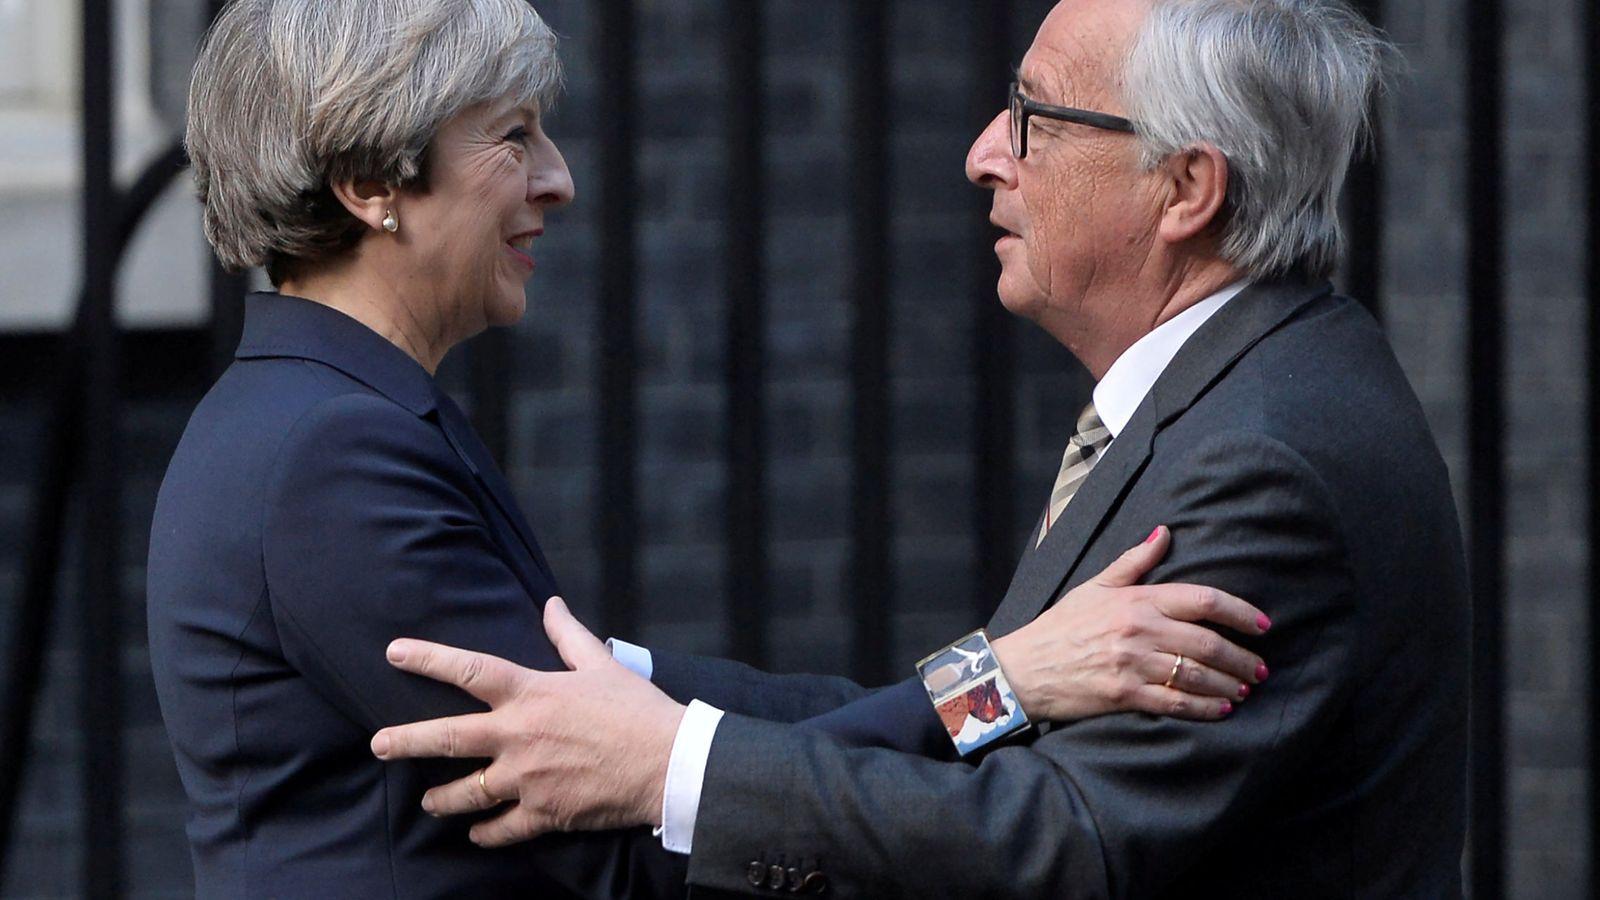 Foto: La primera ministra de Reino Unido Theresa May y el presidente de la Comisión Europea Jean Claude Juncker. (Reuters)